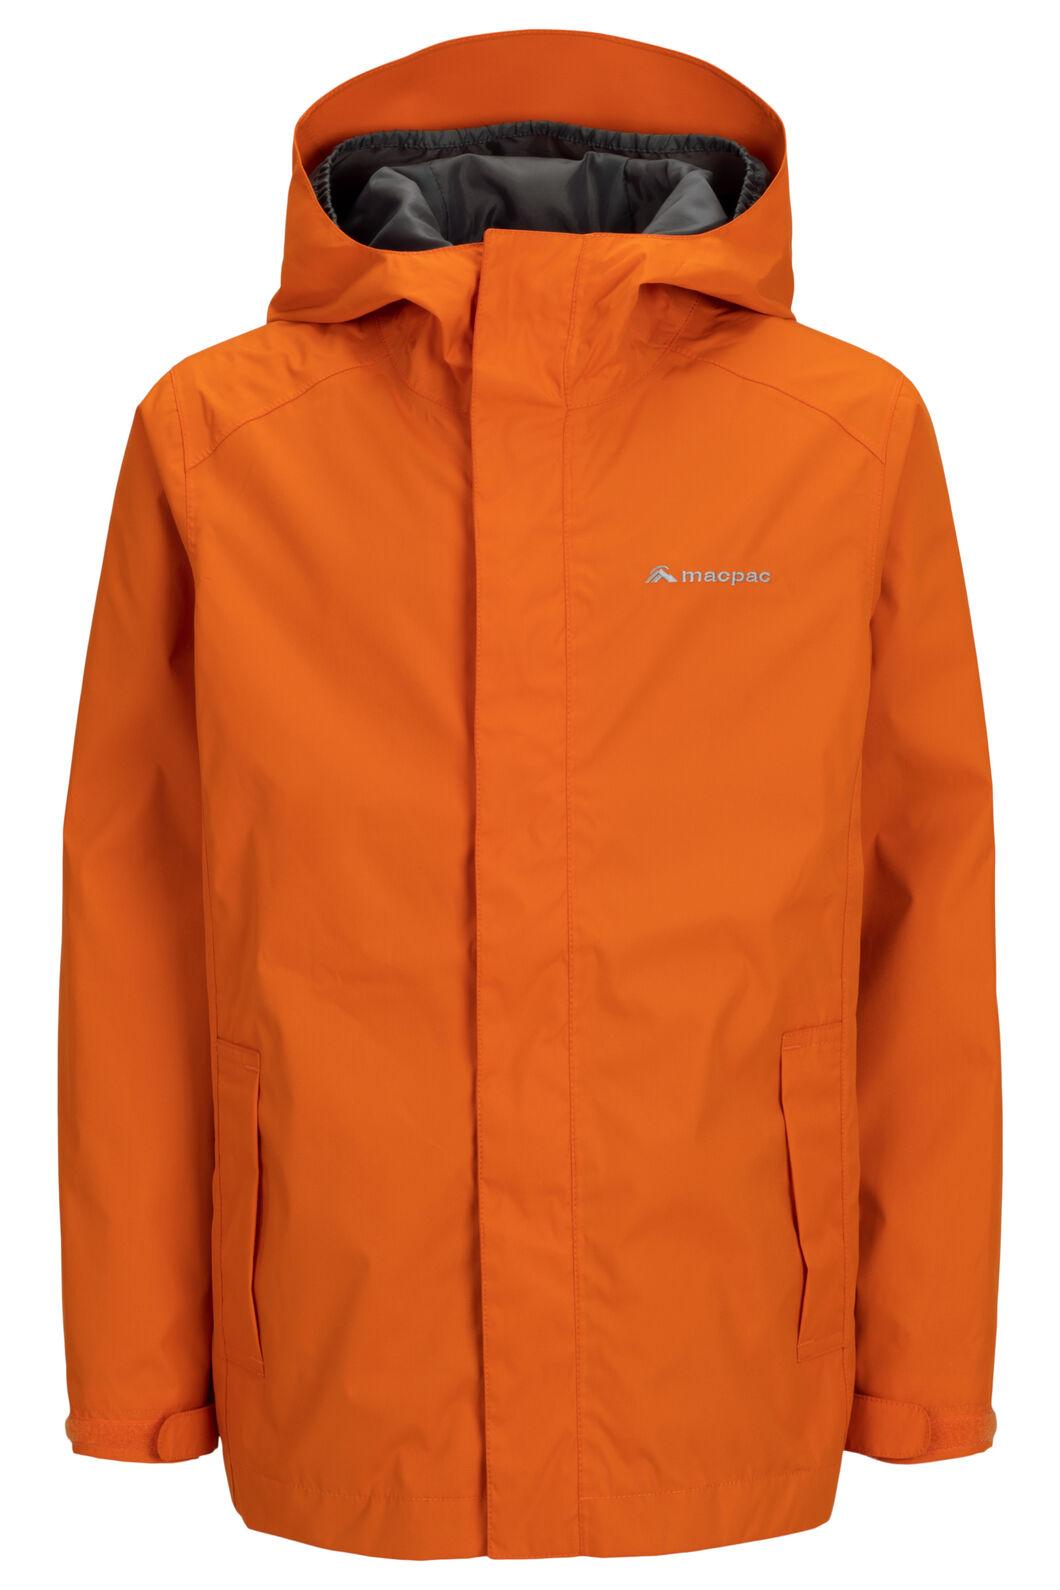 Macpac Kids' Jetstream Rain Jacket, Harvest Pumpkin, hi-res